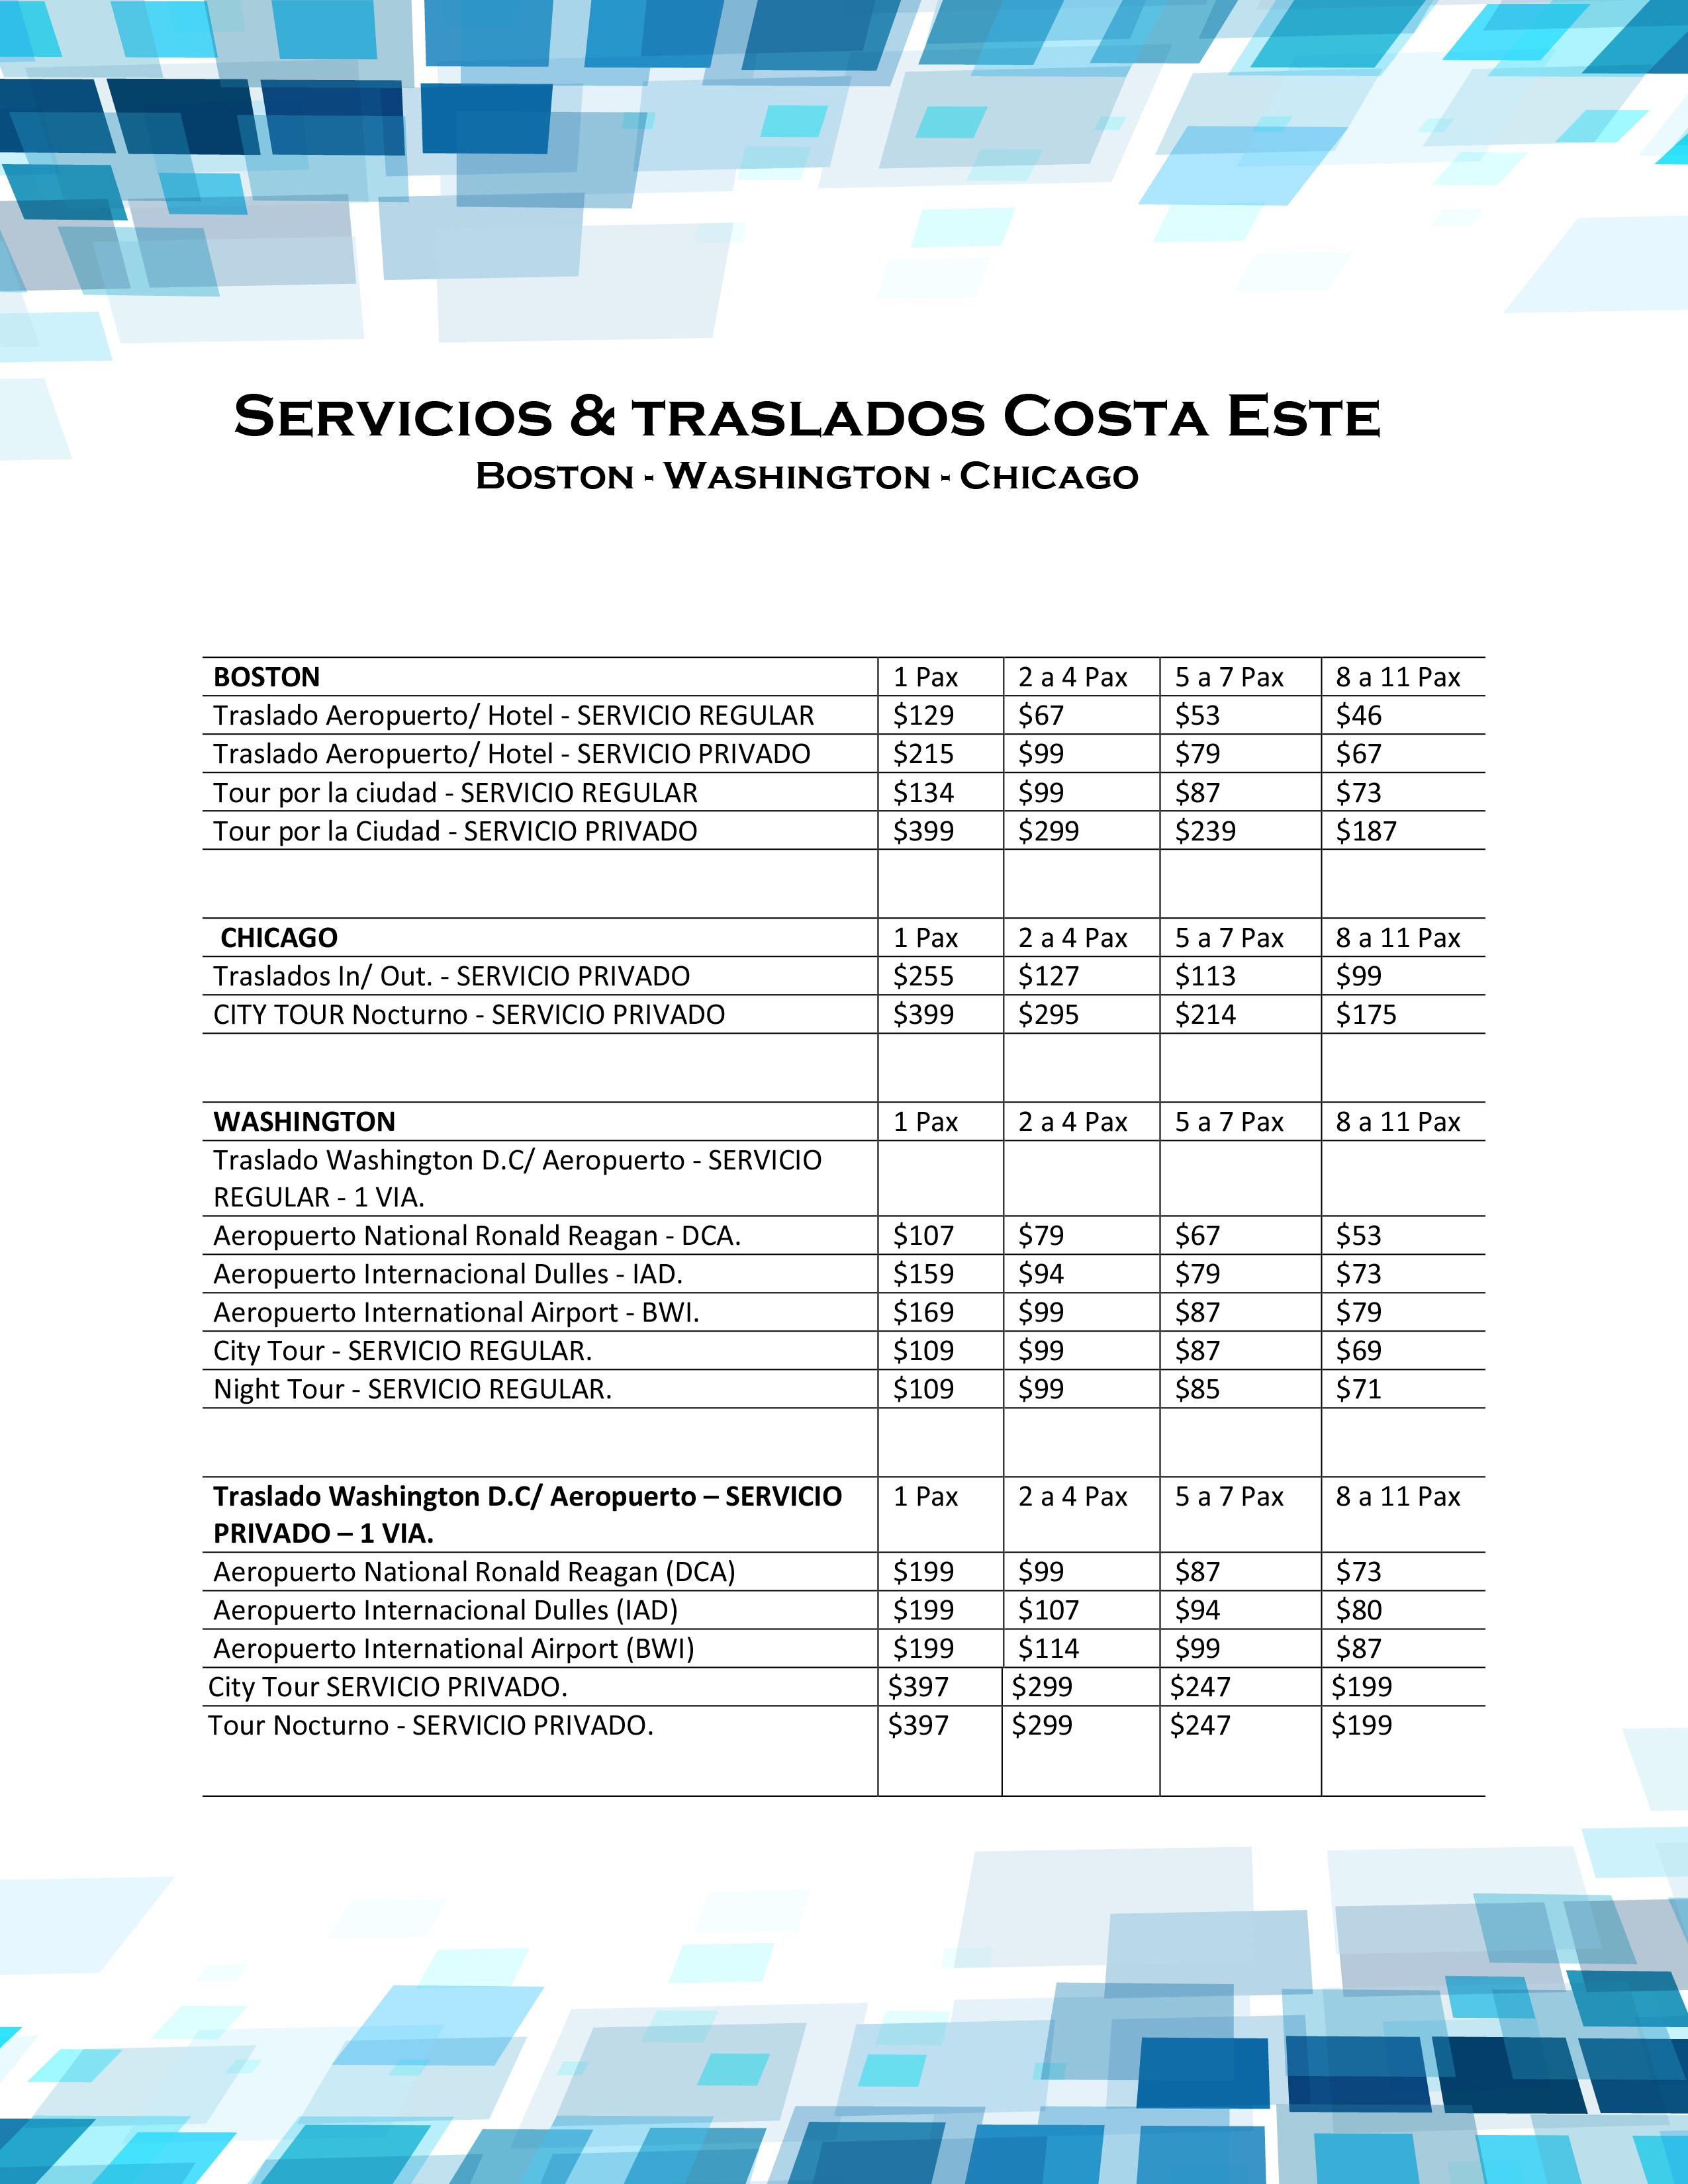 Servicios & Traslados Costa Este - Boston_Washington_Chicago